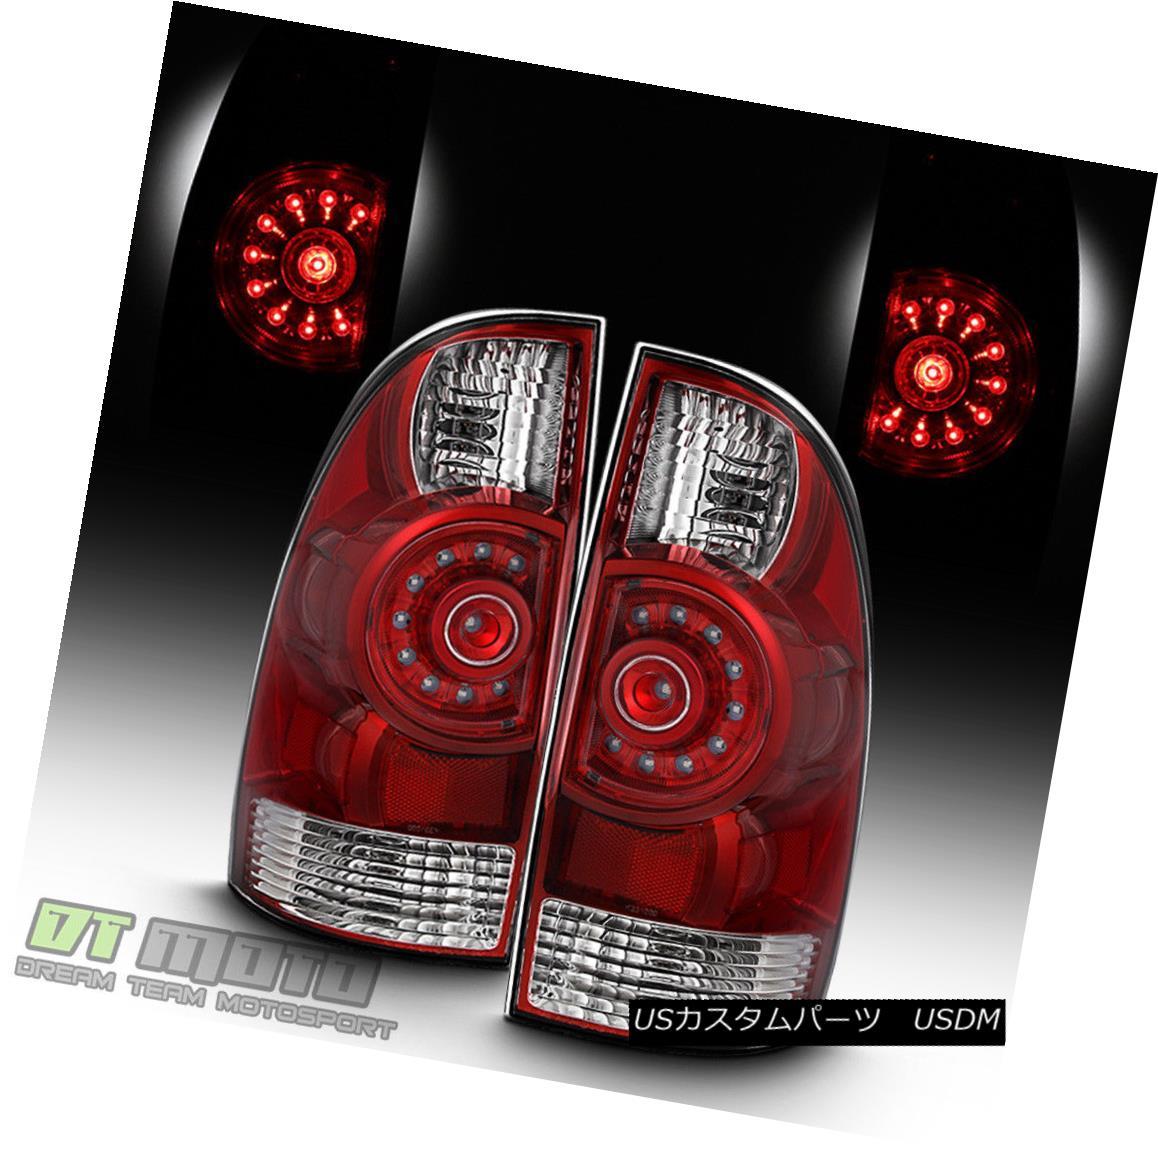 テールライト [Red Speccial Edition] 2005-2015 Toyota Tacoma TRD LED Tail Lights Brake Lamps [赤スペシャルエディション] 2005-2015トヨタタコマTRD LEDテールライトブレーキランプ